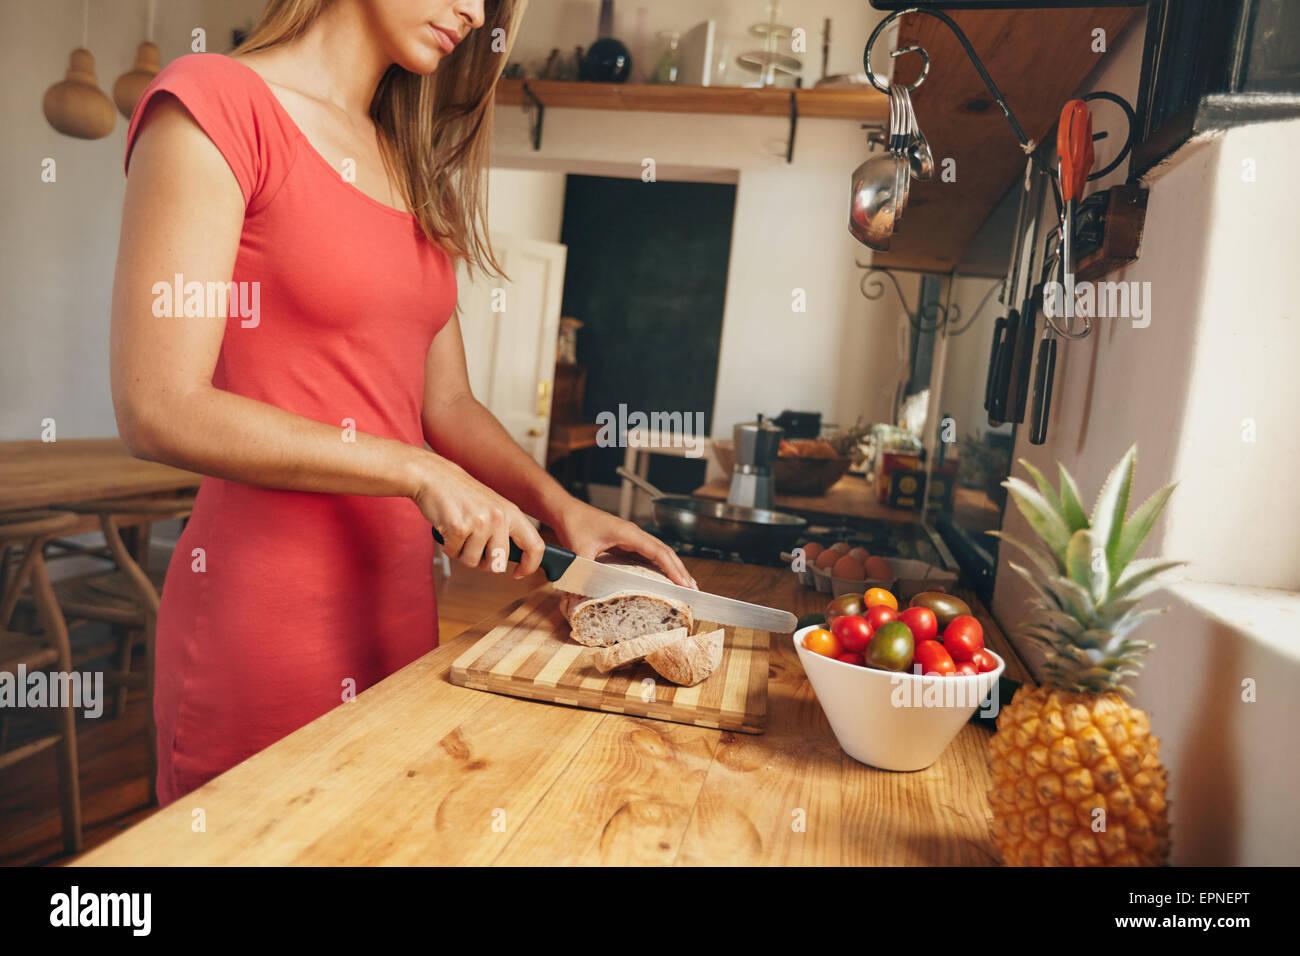 Cropped shot of a young woman slicing une miche de pain frais cuit sur un comptoir de cuisine domestique. Le petit Photo Stock